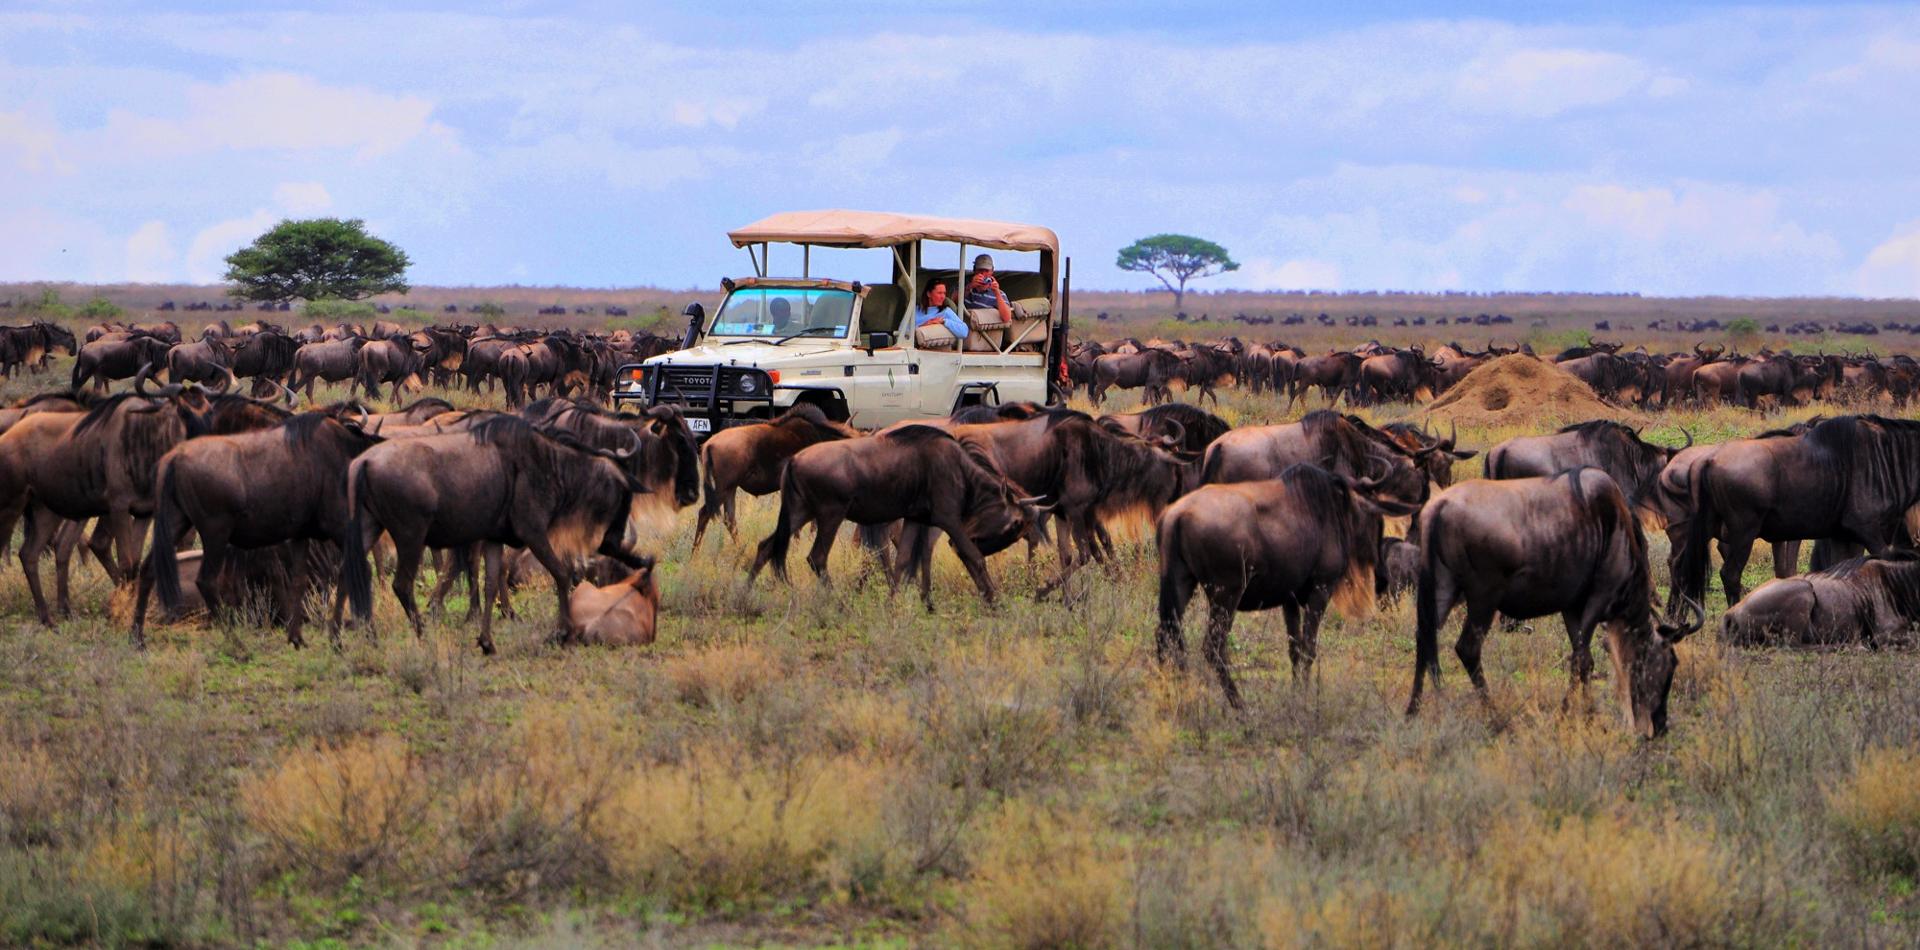 Individualreise Tansania, Erlebnisreise Tansania, Safaris in Tansania, Reiseroute Tansania, Lodges in Tansania